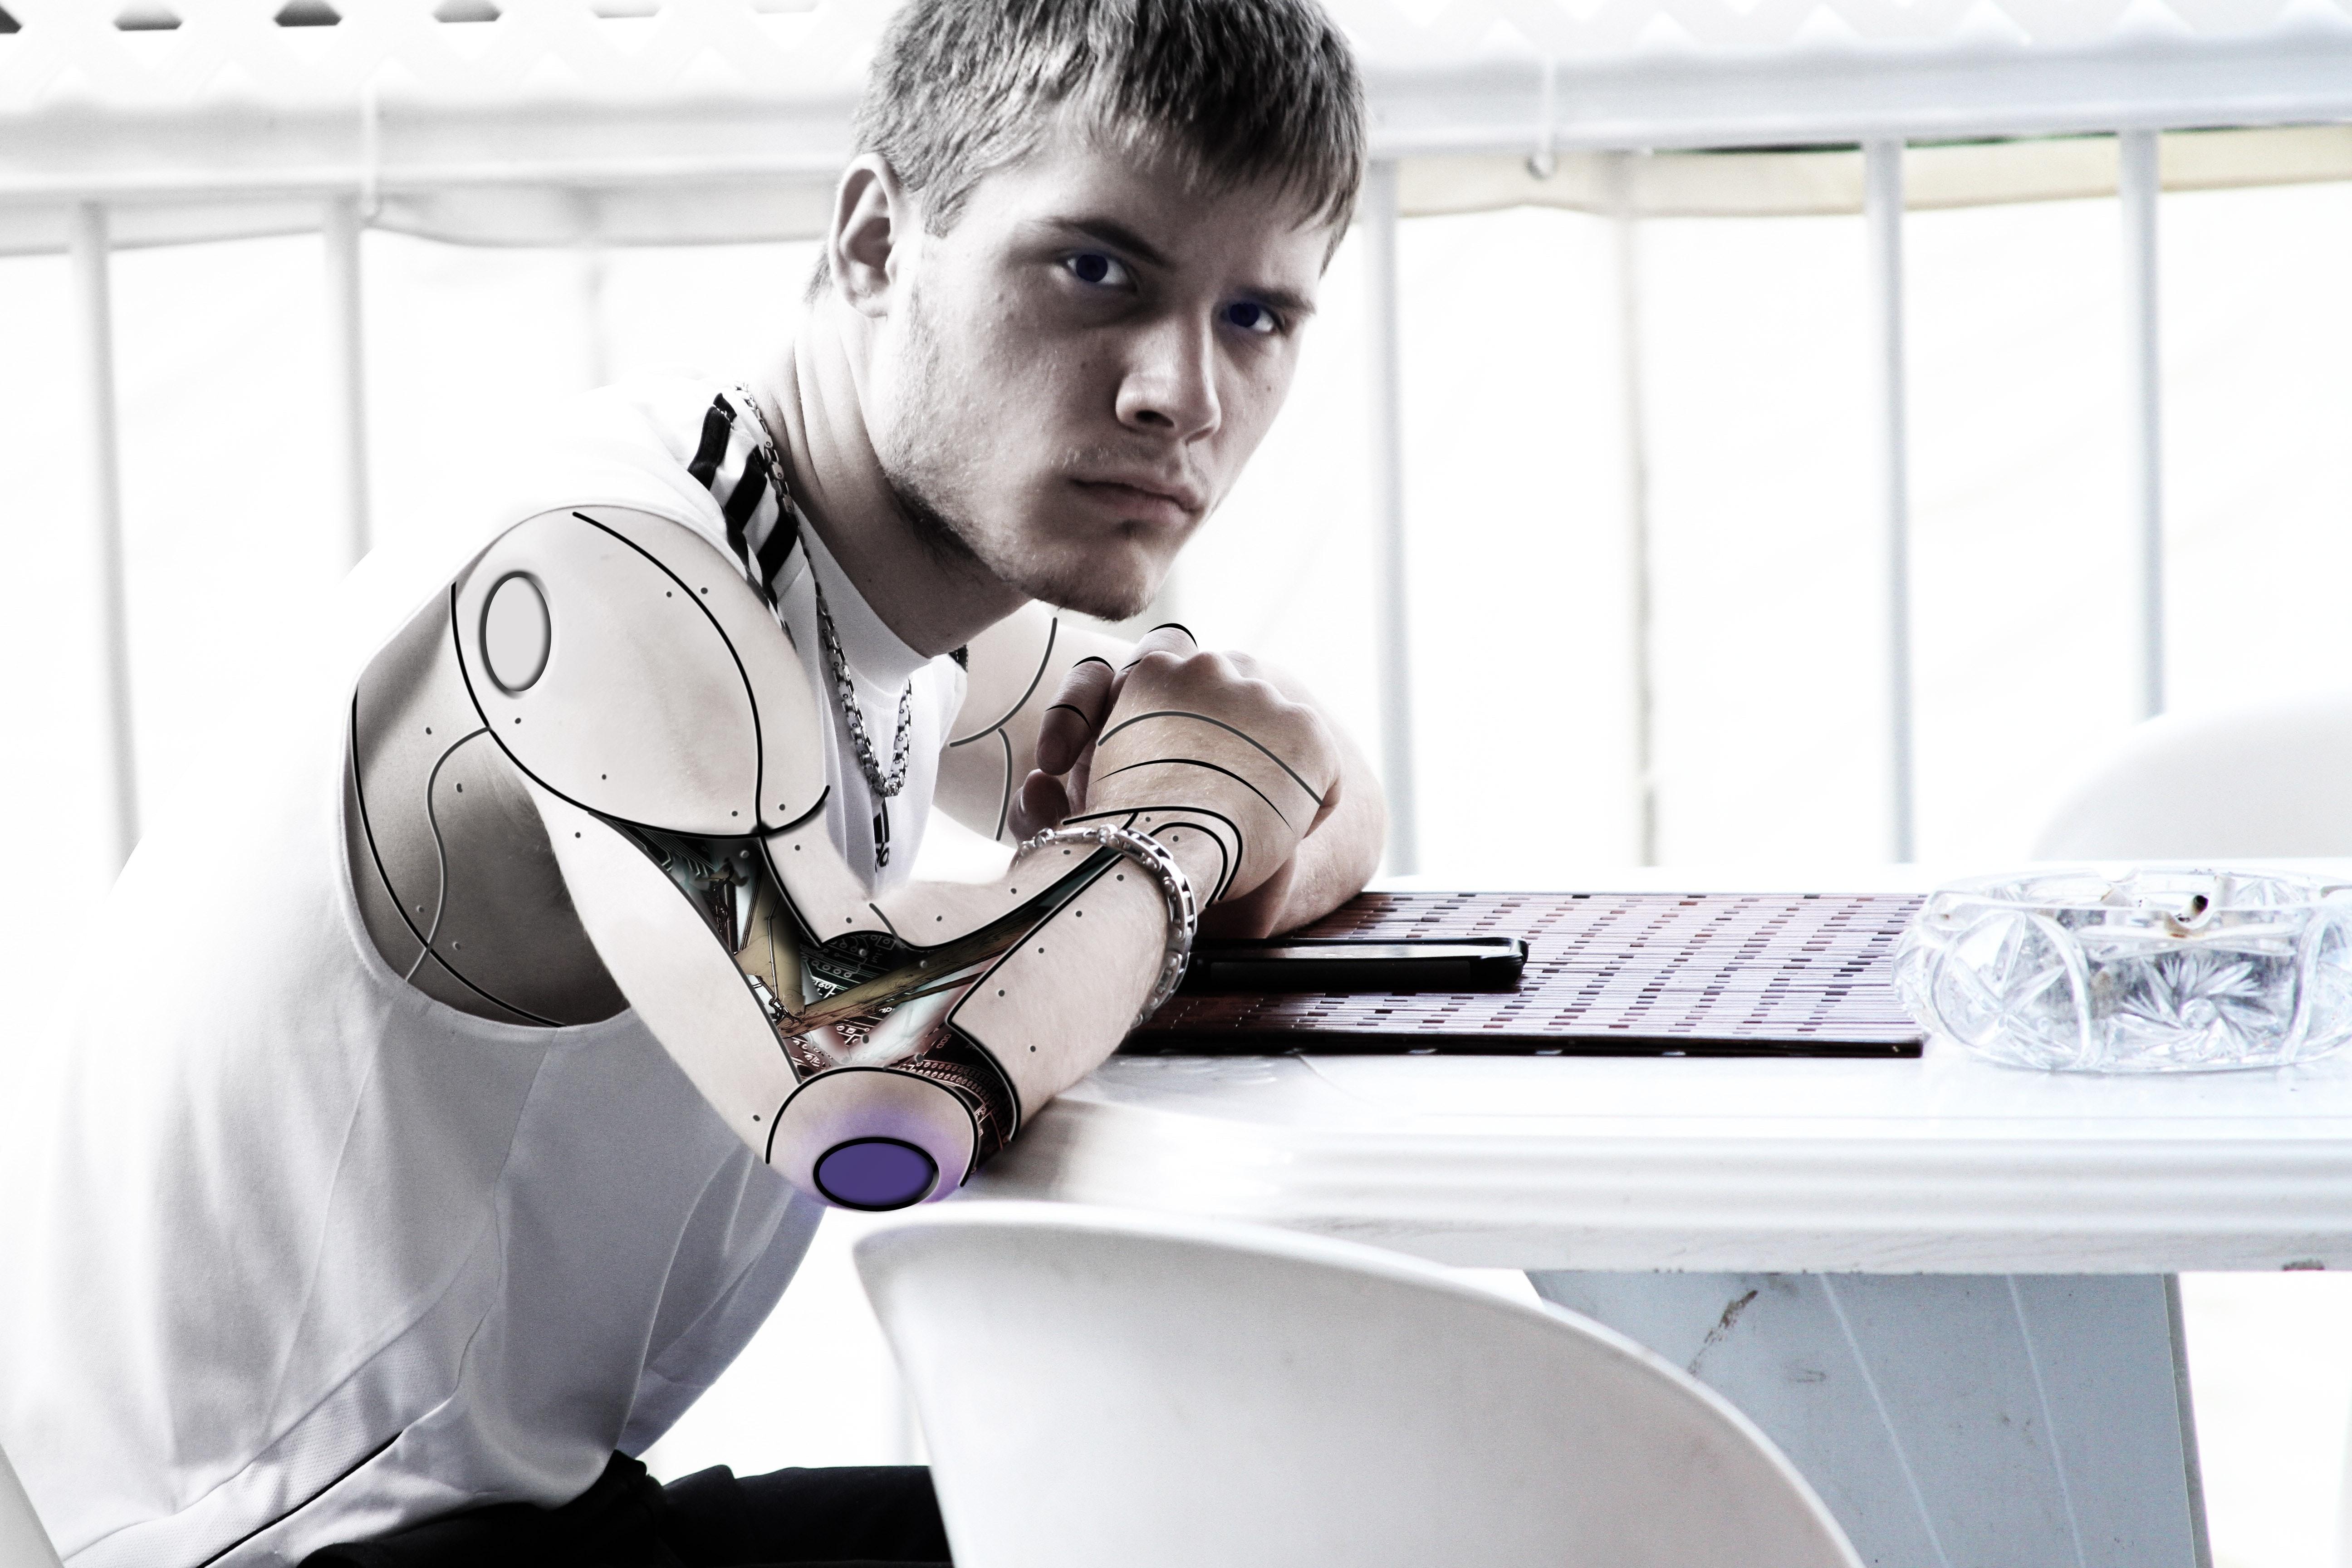 La ville de demain: smart cities et évolution humaine